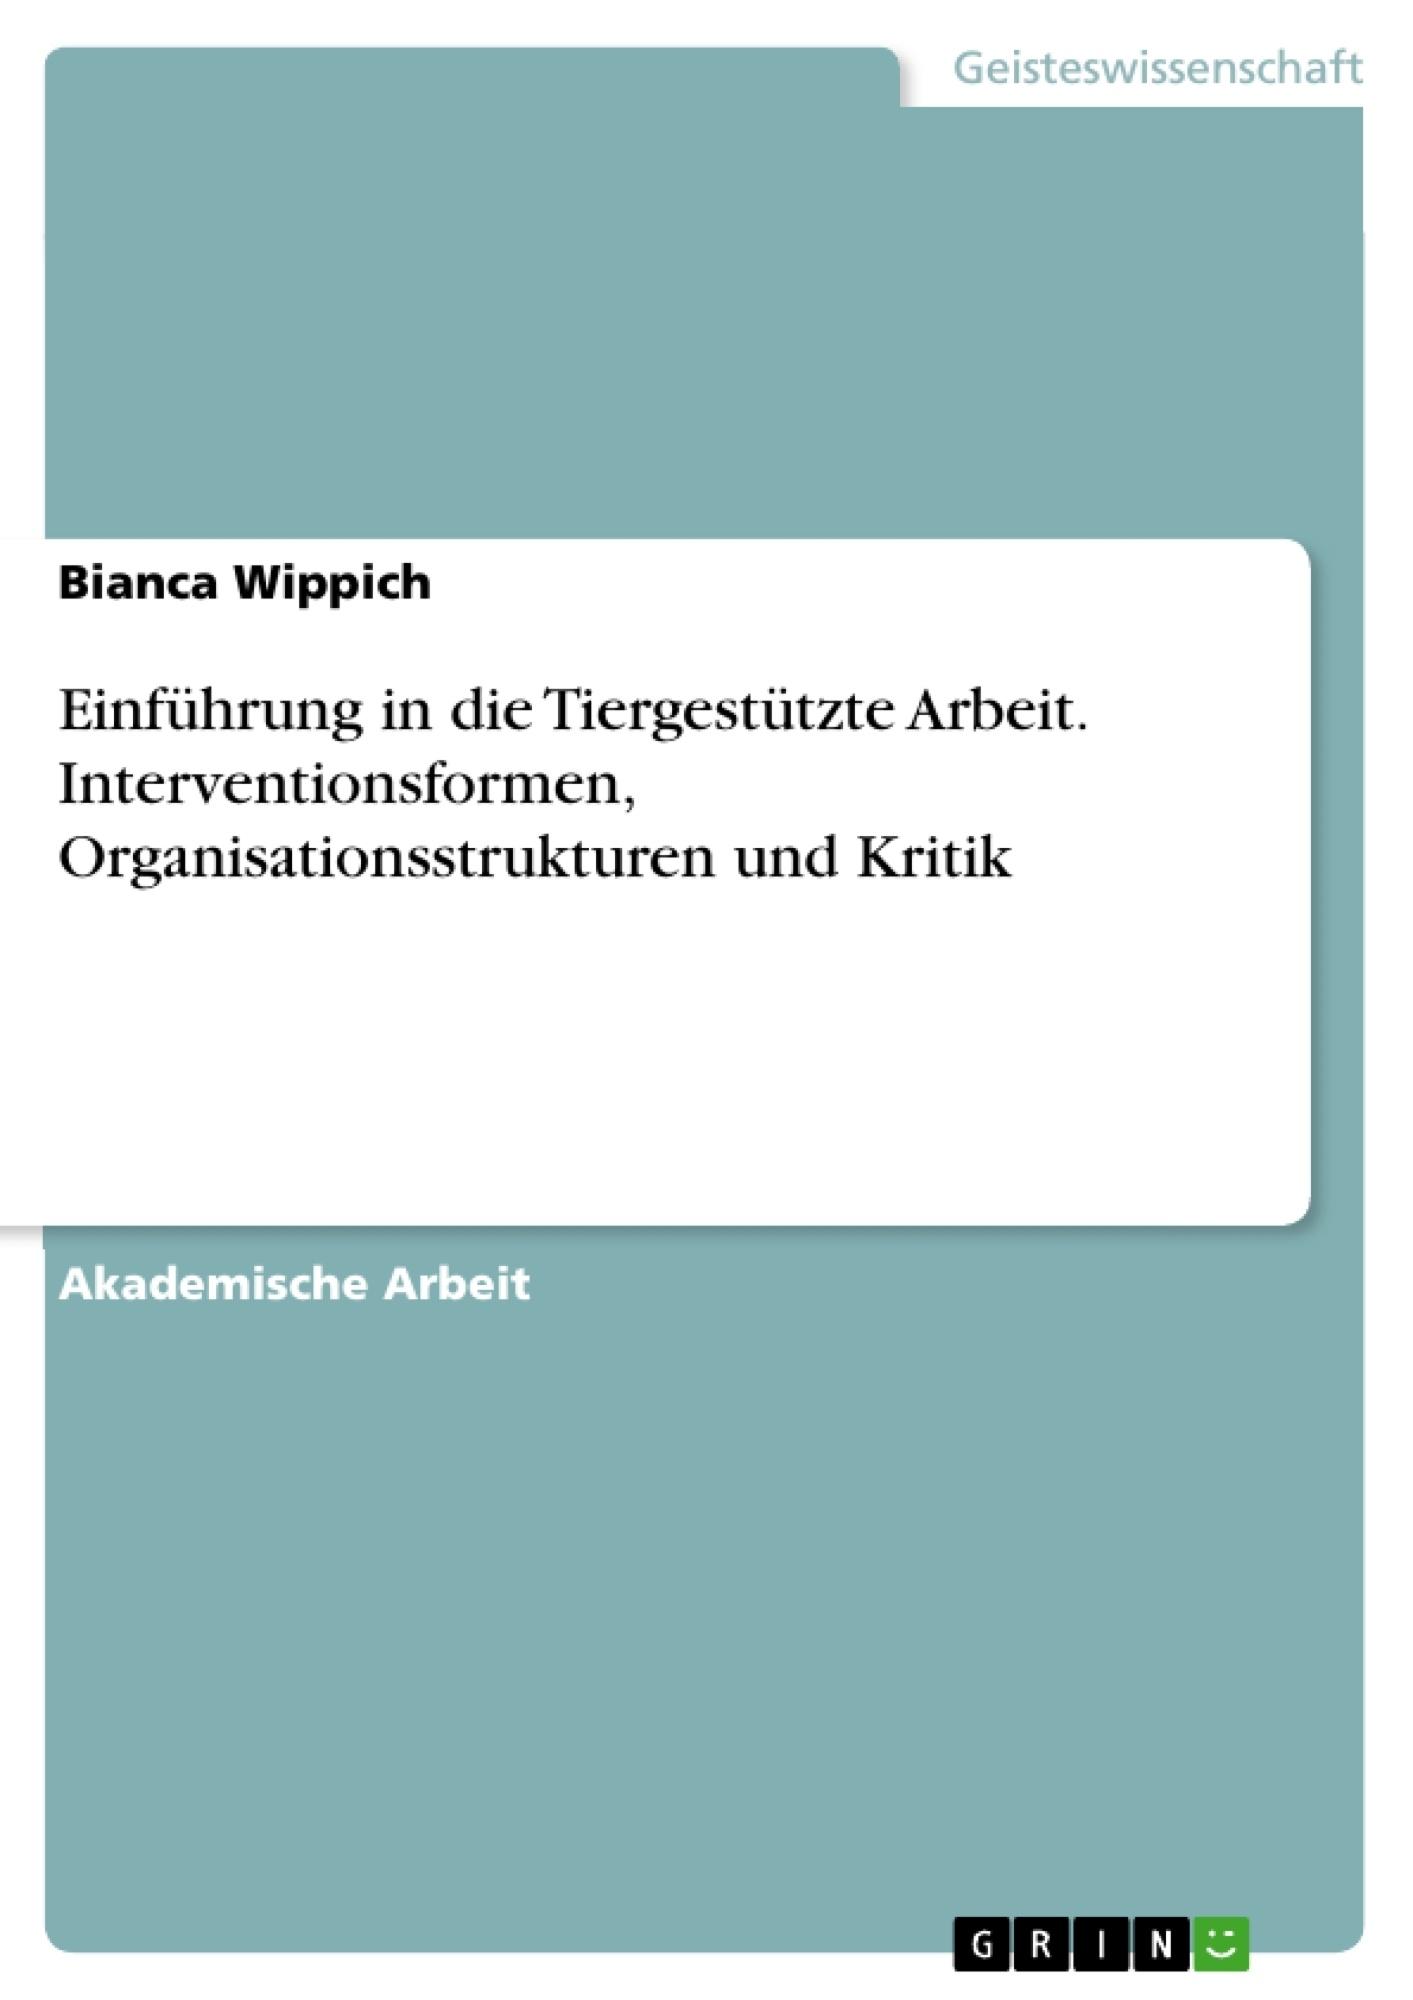 Titel: Einführung in die Tiergestützte Arbeit. Interventionsformen, Organisationsstrukturen und Kritik